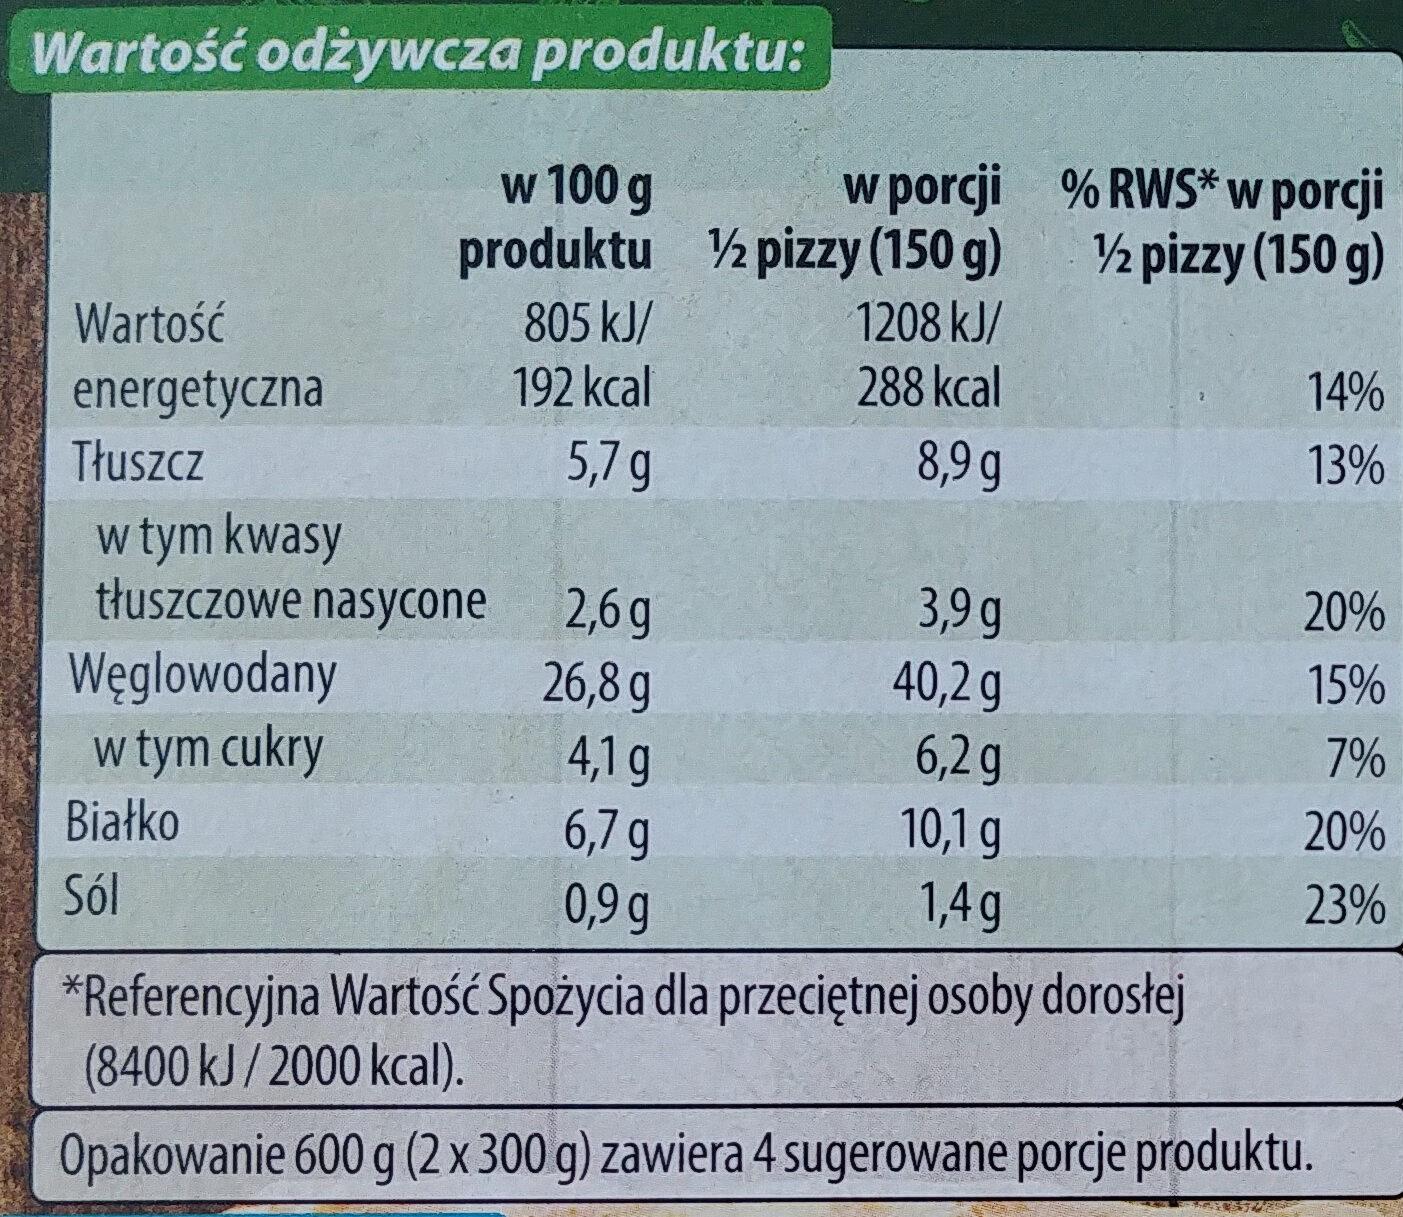 Pizza z pieca kamiennego z pieczarkami - Wartości odżywcze - pl